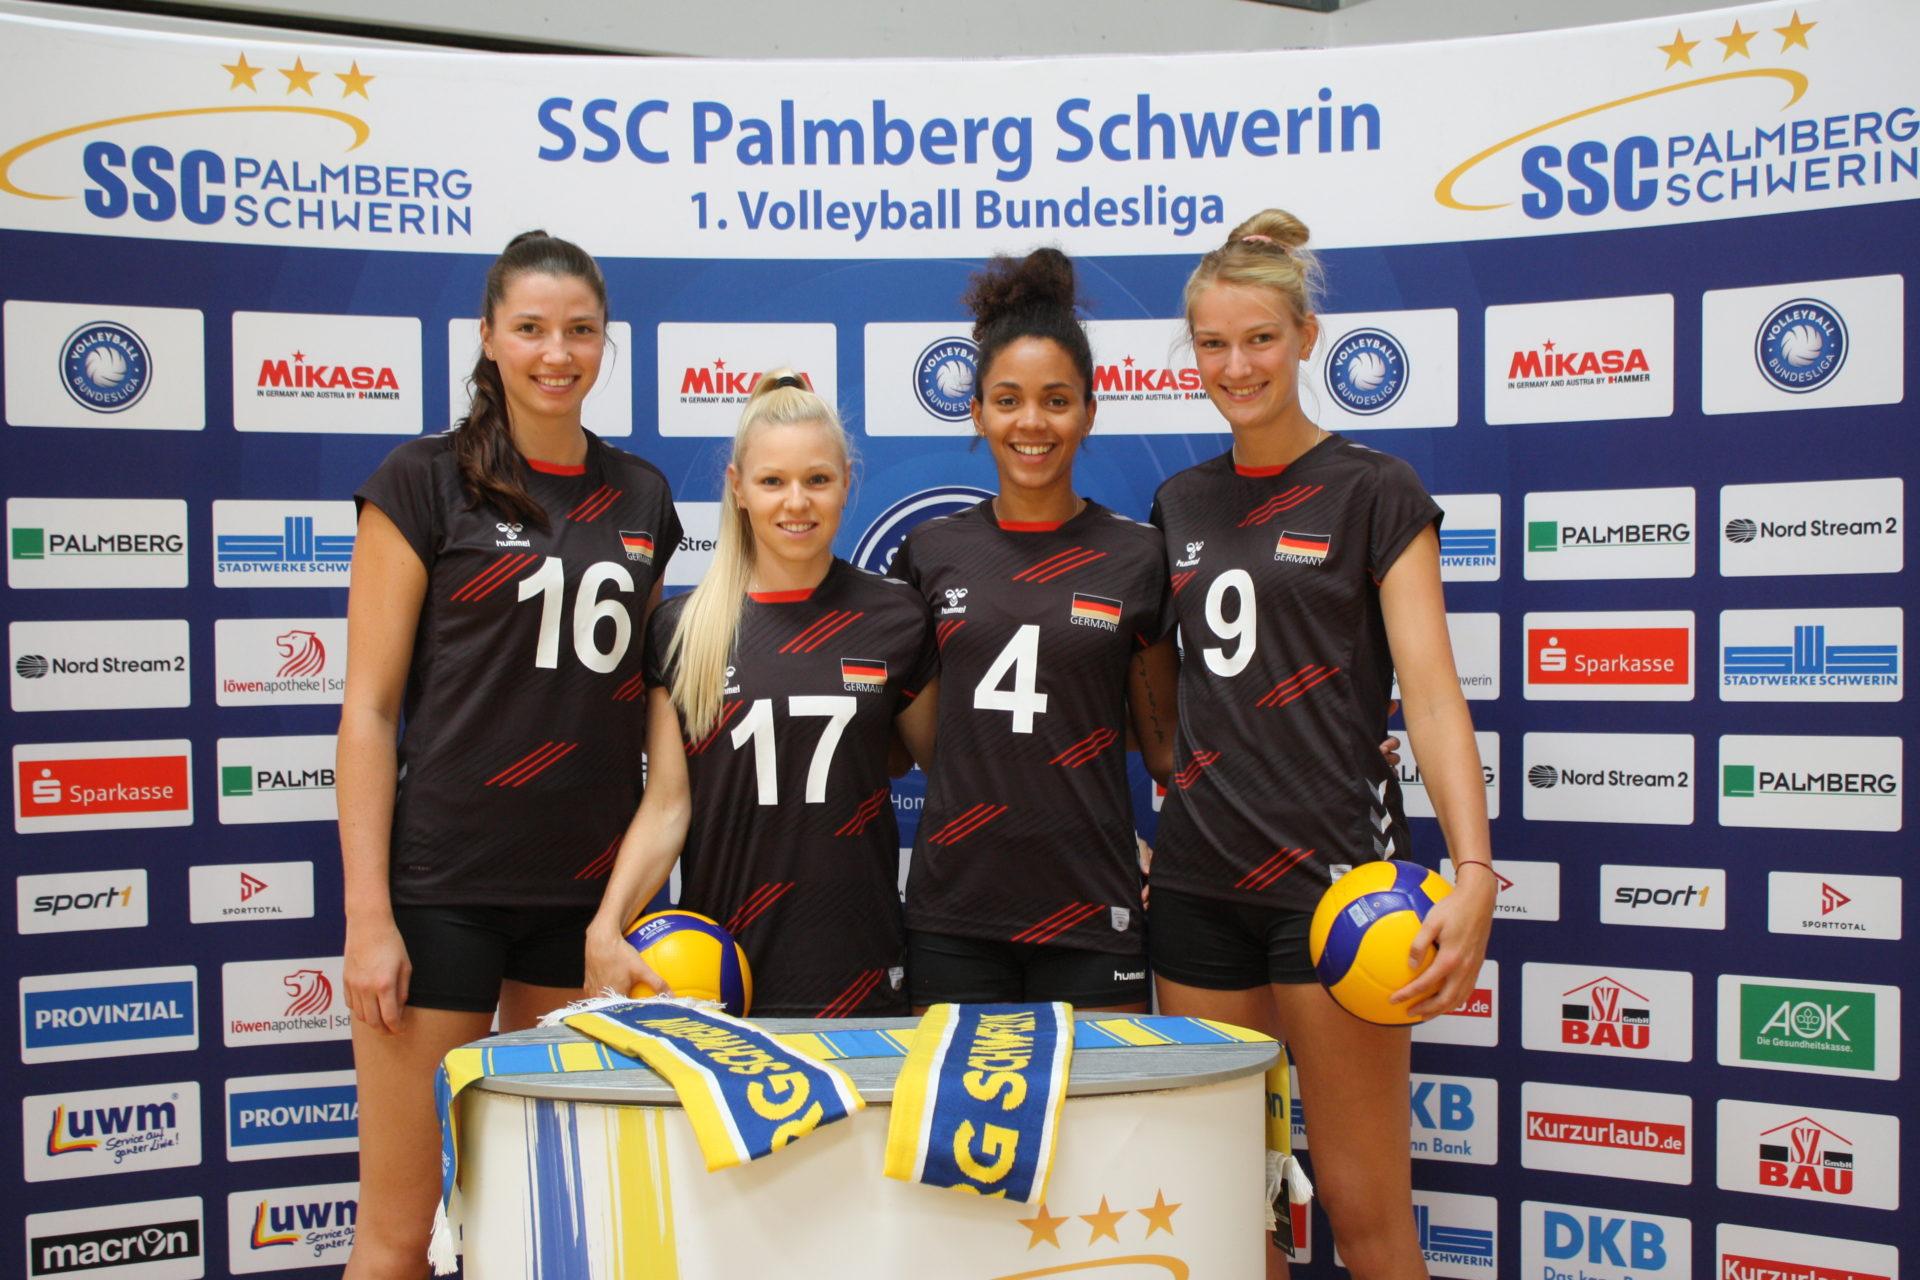 SSC Damen in der Nationalmannschaft Lea Ambrosius, Anna Pogany, Denise Imoudu und Lina Alsmeier Foto SSC